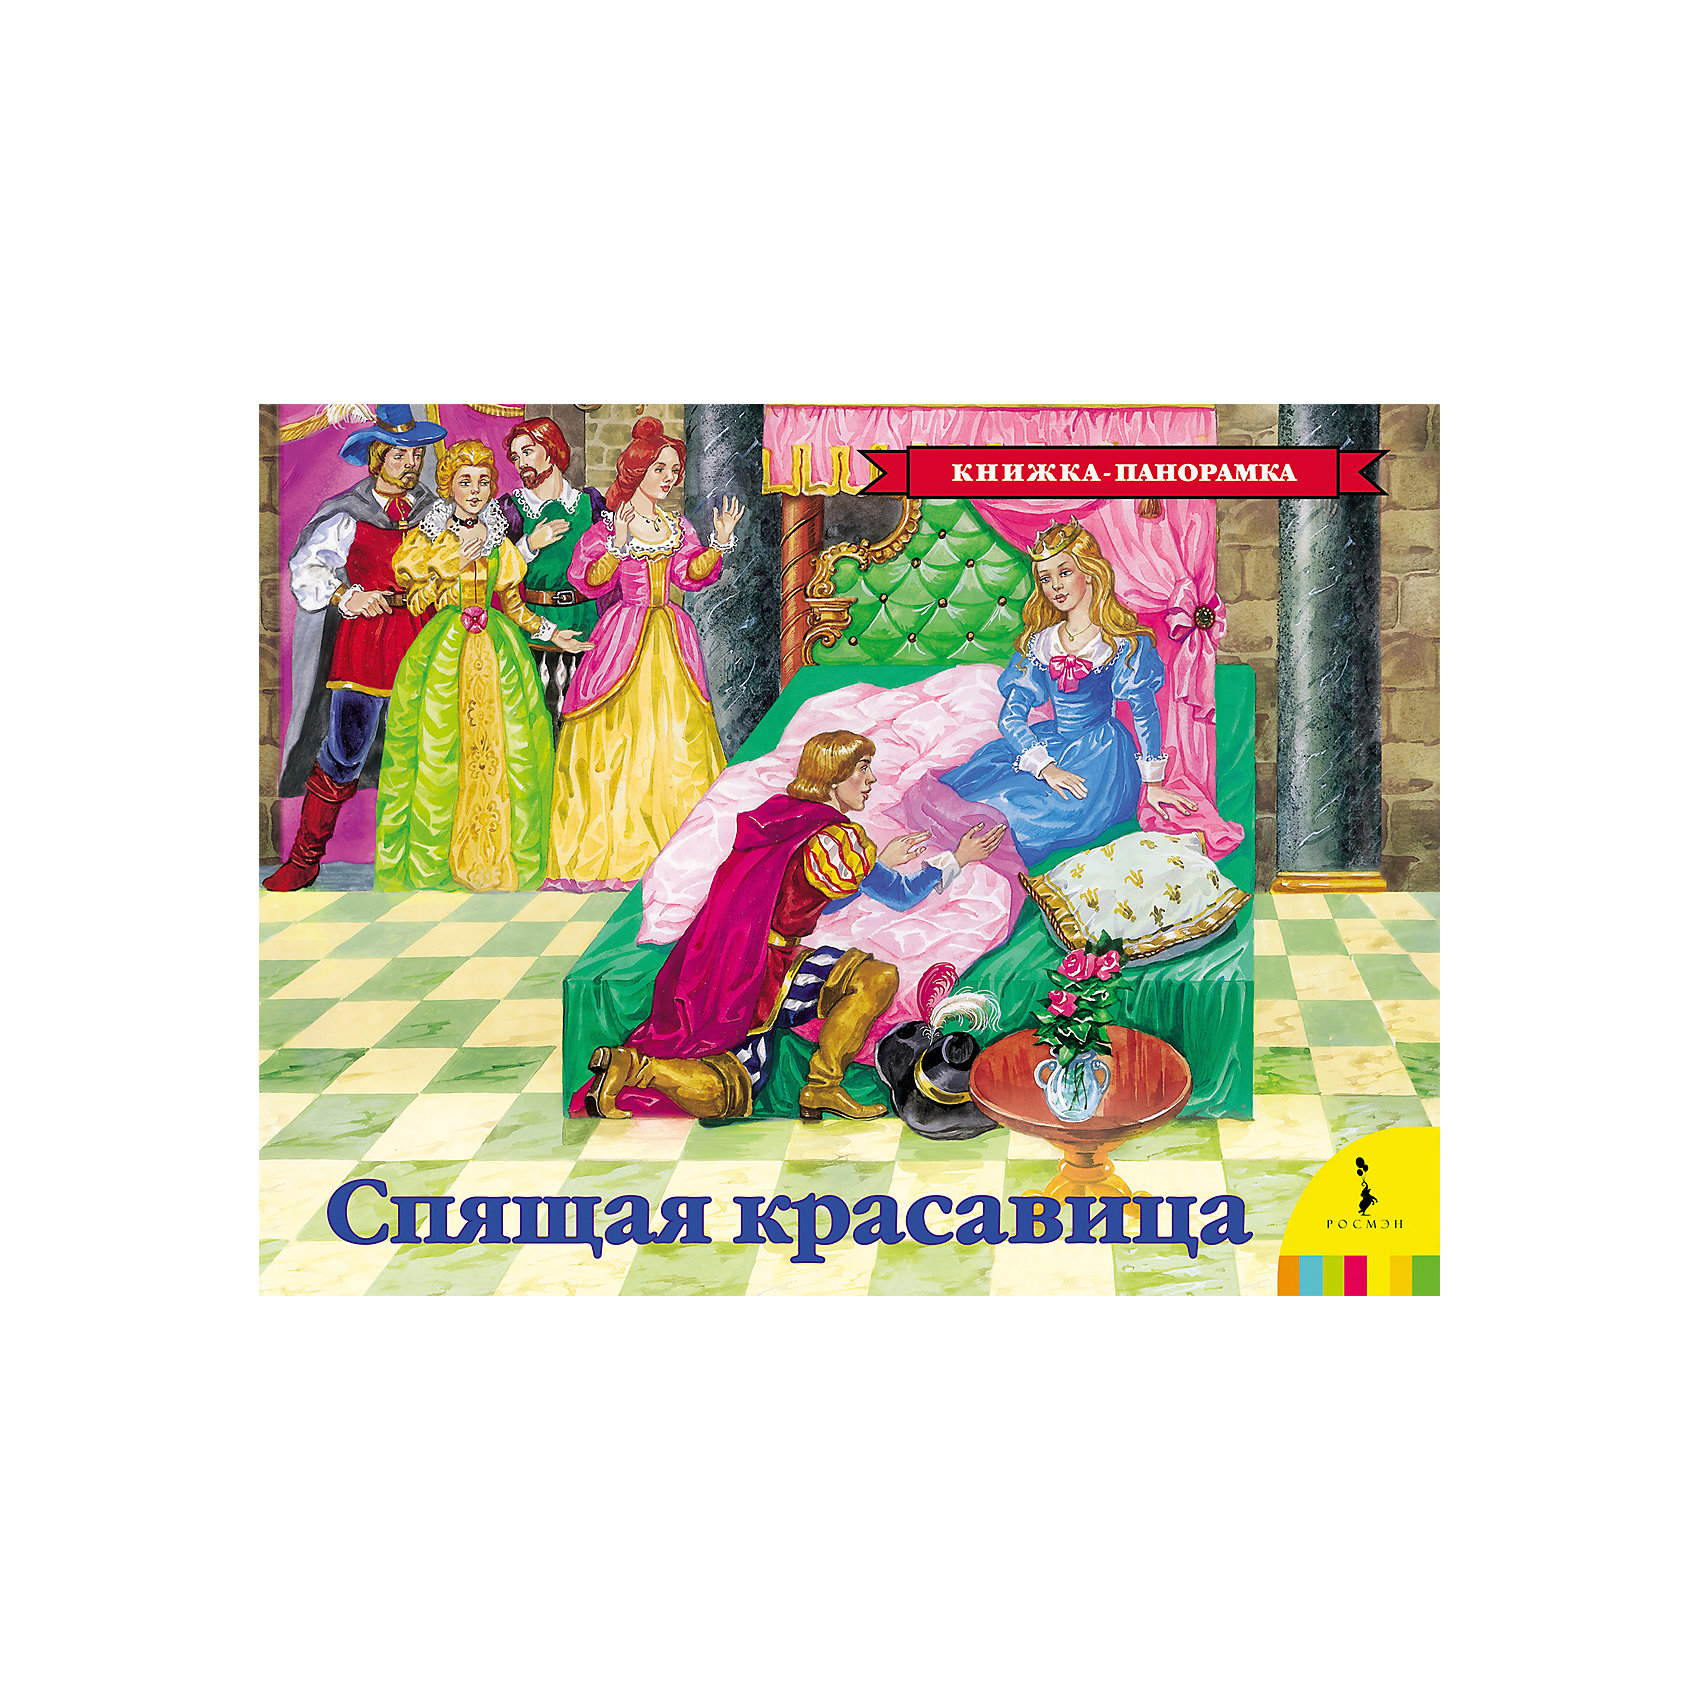 Панорамная книжка Спящая красавицаКнижки-панорамки<br>Панорамная книжка Спящая красавица<br><br>Характеристики:<br><br>- издательство: Росмэн<br>- количество страниц: 12<br>- формат: 26 * 1,5 * 20 см.<br>- Тип обложки: 7Бц – твердая целлофинированная<br>- Иллюстрации: цветные<br>- вес: 310 гр.<br><br>Настоящее подарочное издание – панорамная книга Спящая красавица станет отличным сюрпризом для маленьких детей. Классическая сказка и яркие иллюстрации раскладывающейся книги помогут создать атмосферу праздников в доме. Книжка поможет рассказать и показать малышу увлекательную историю о невероятной спящей красавице. Каждая страничка этой сказки делает героев и их окружение живыми благодаря раскладывающимся деталям. Эта необычная книга соберет семью вместе и сделает чтение веселее и интереснее. <br><br>Панорамную книгу Спящая красавица можно купить в нашем интернет-магазине.<br><br>Ширина мм: 255<br>Глубина мм: 195<br>Высота мм: 15<br>Вес г: 310<br>Возраст от месяцев: 0<br>Возраст до месяцев: 36<br>Пол: Унисекс<br>Возраст: Детский<br>SKU: 5109743